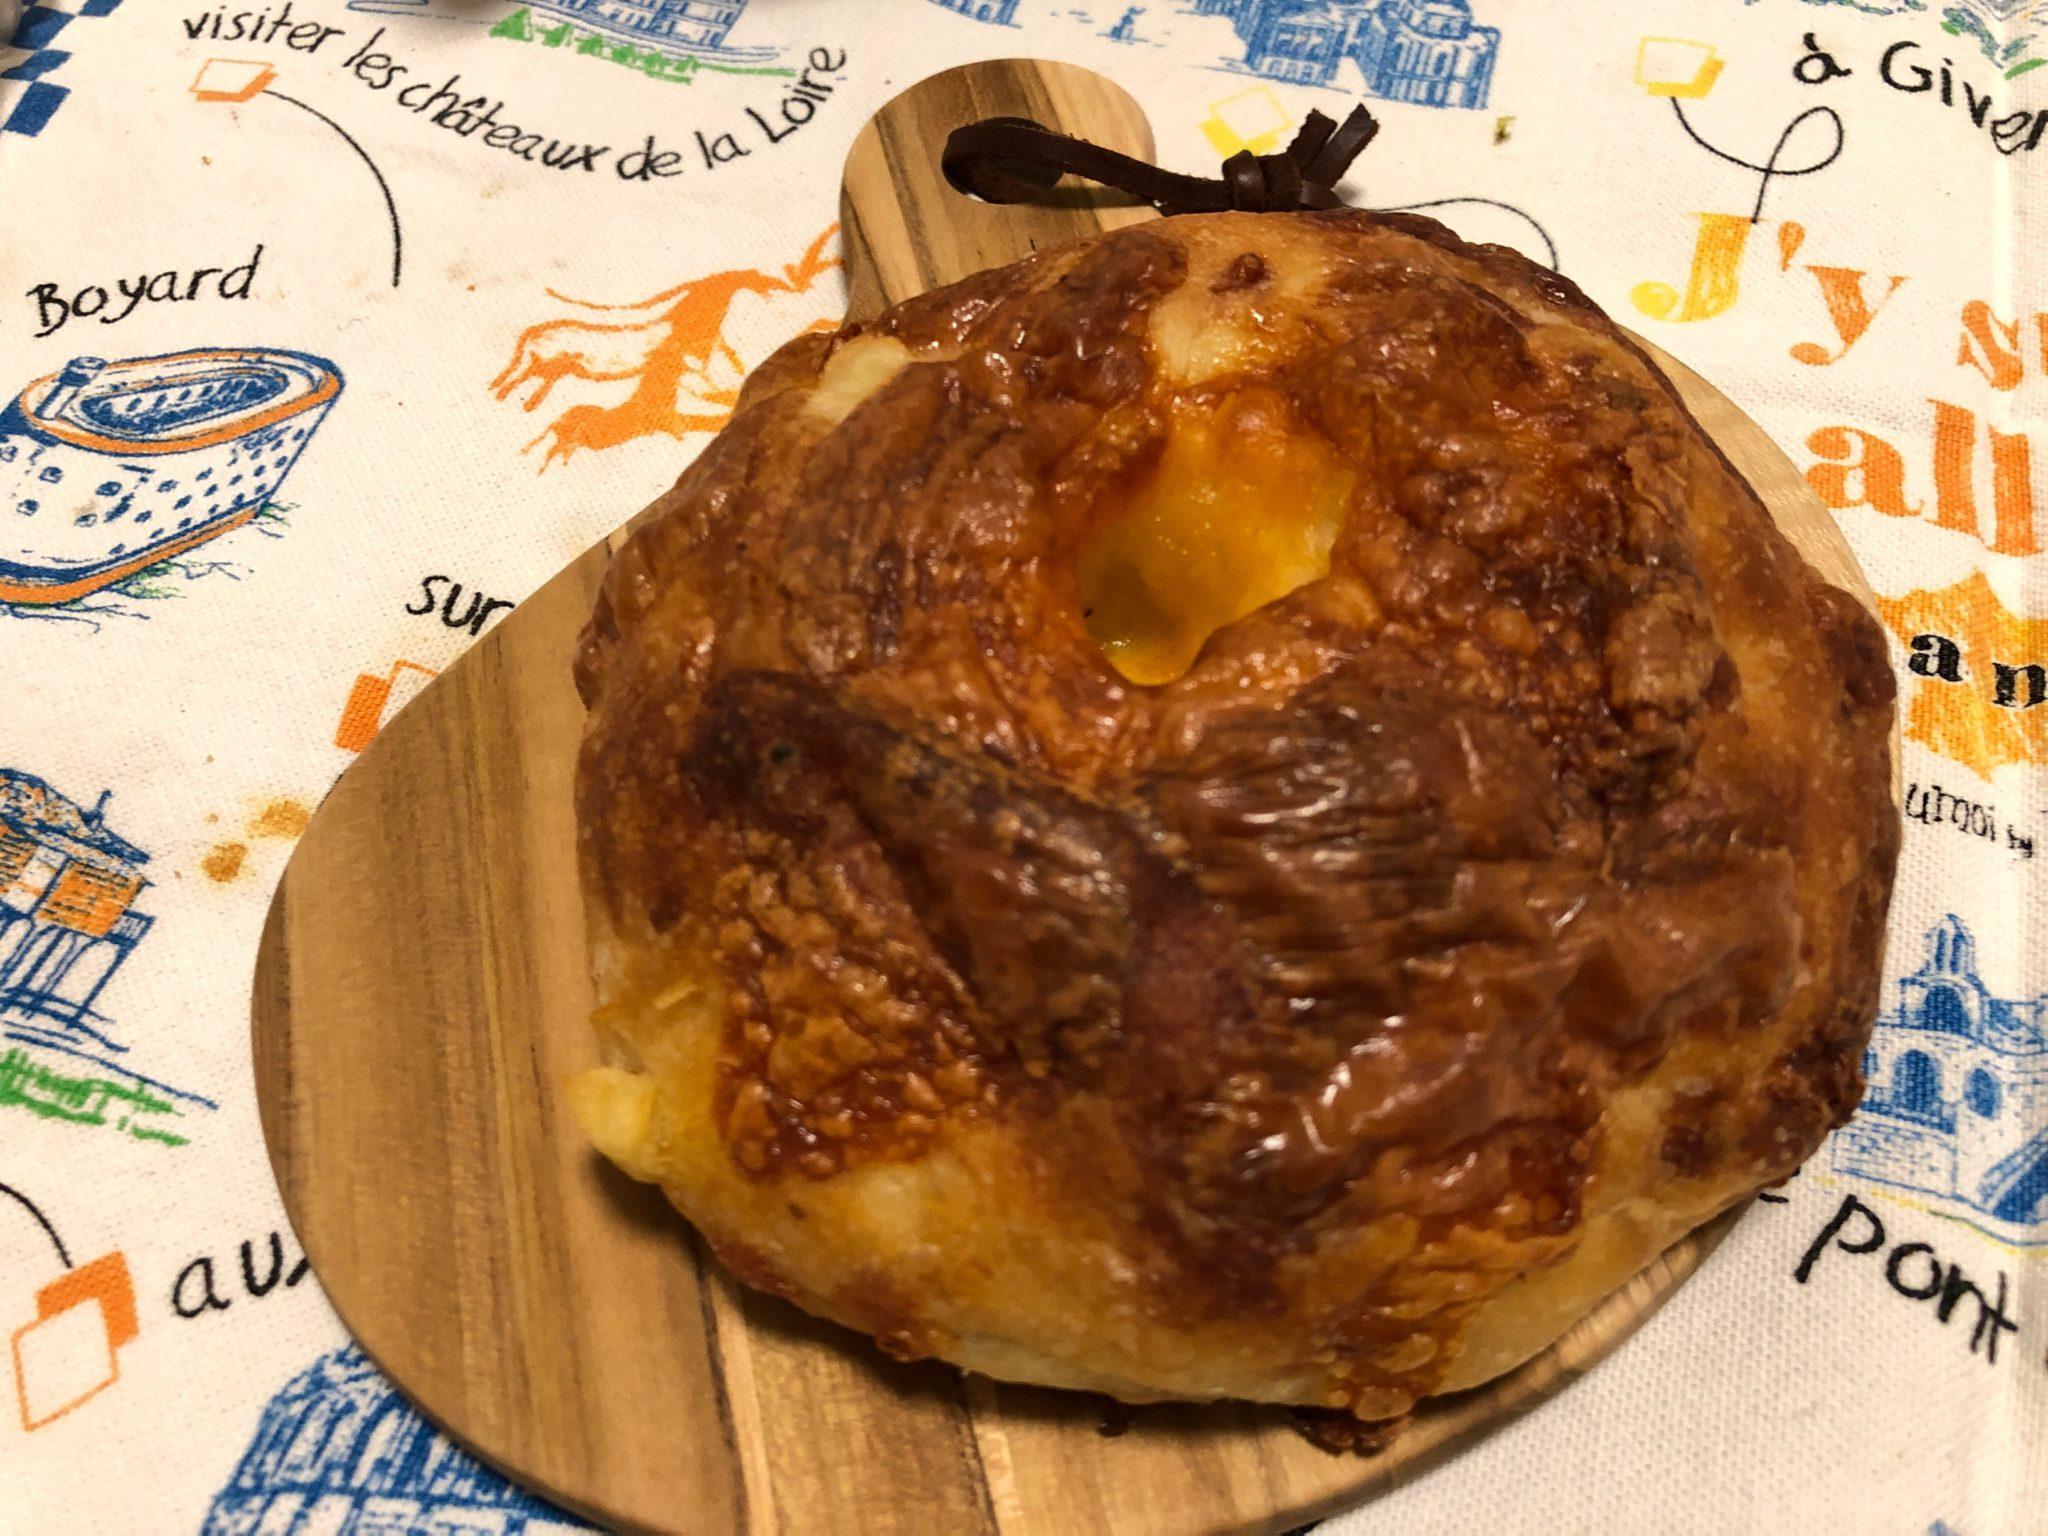 ブレッダルワンの新ジャガオニオンチーズ